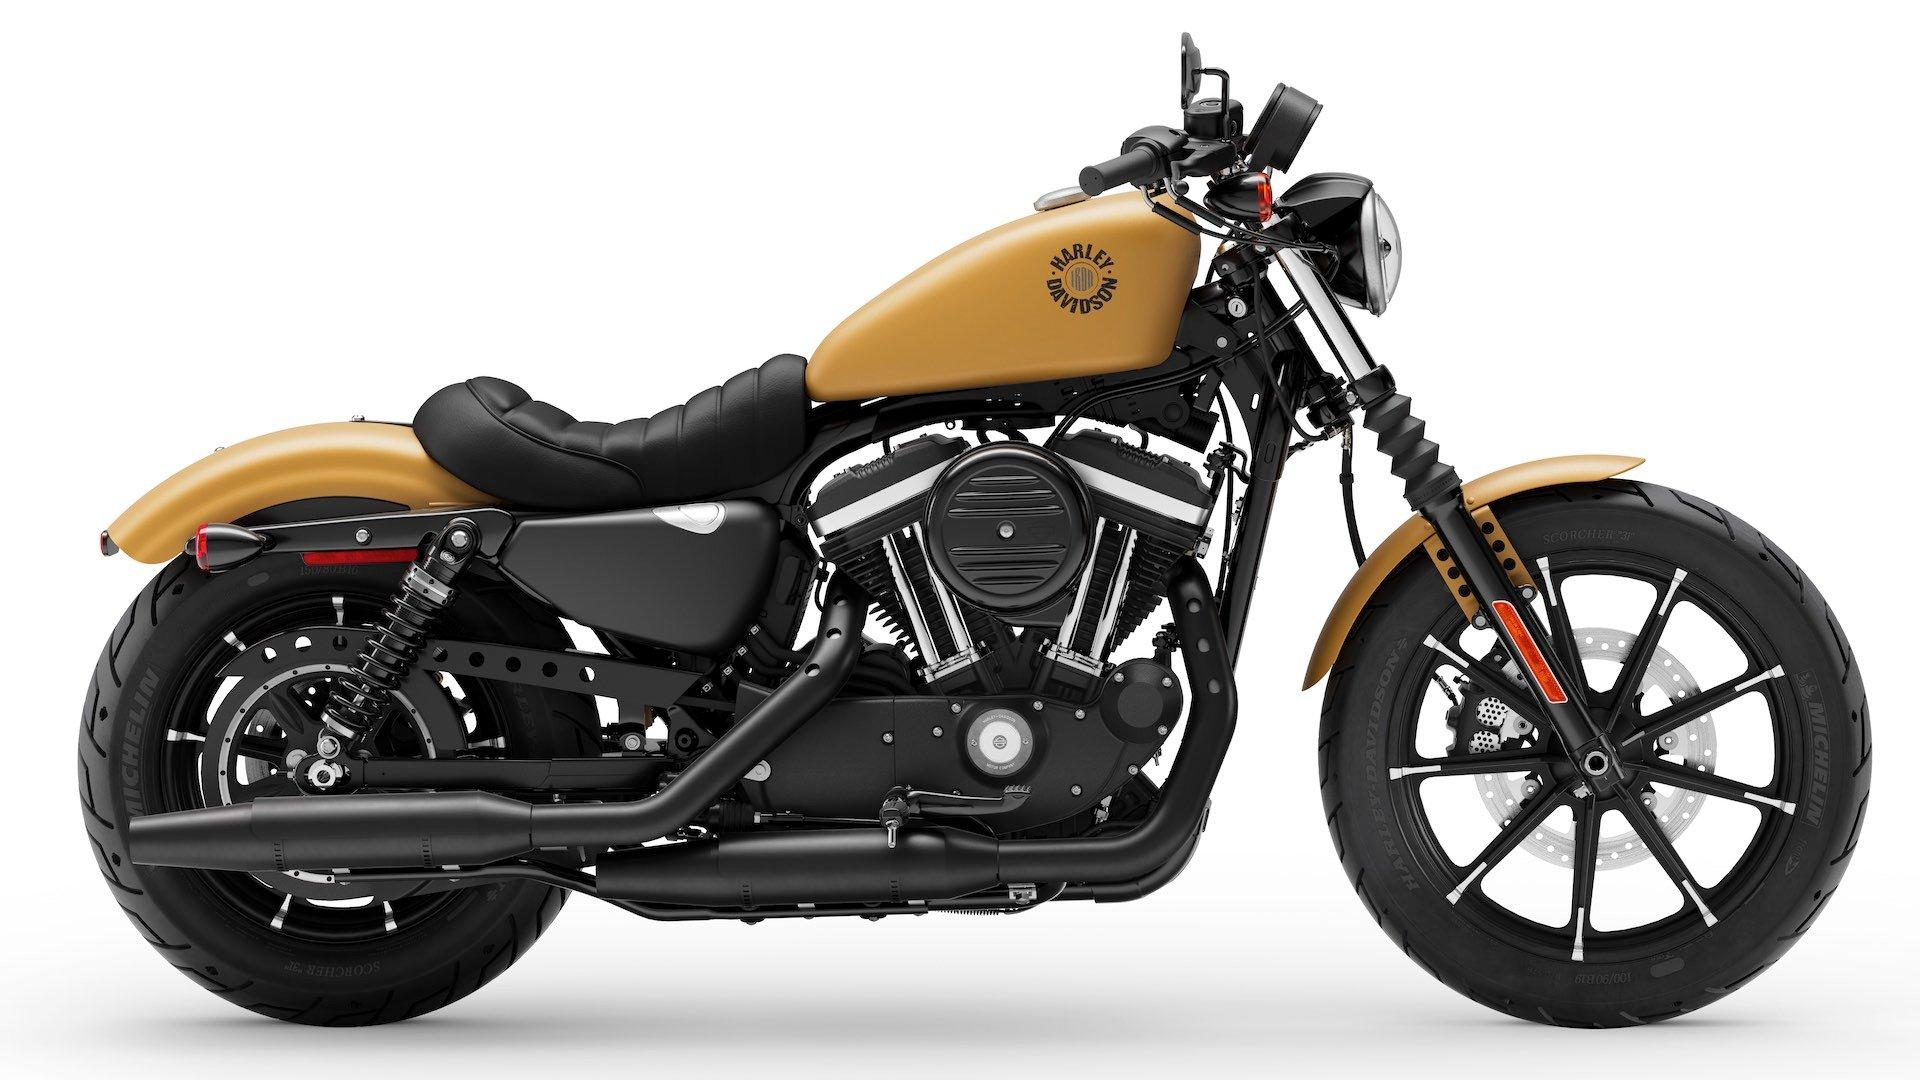 Dirty Dozen: 12 Great 2019 Cruiser Motorcycles Under $10,000